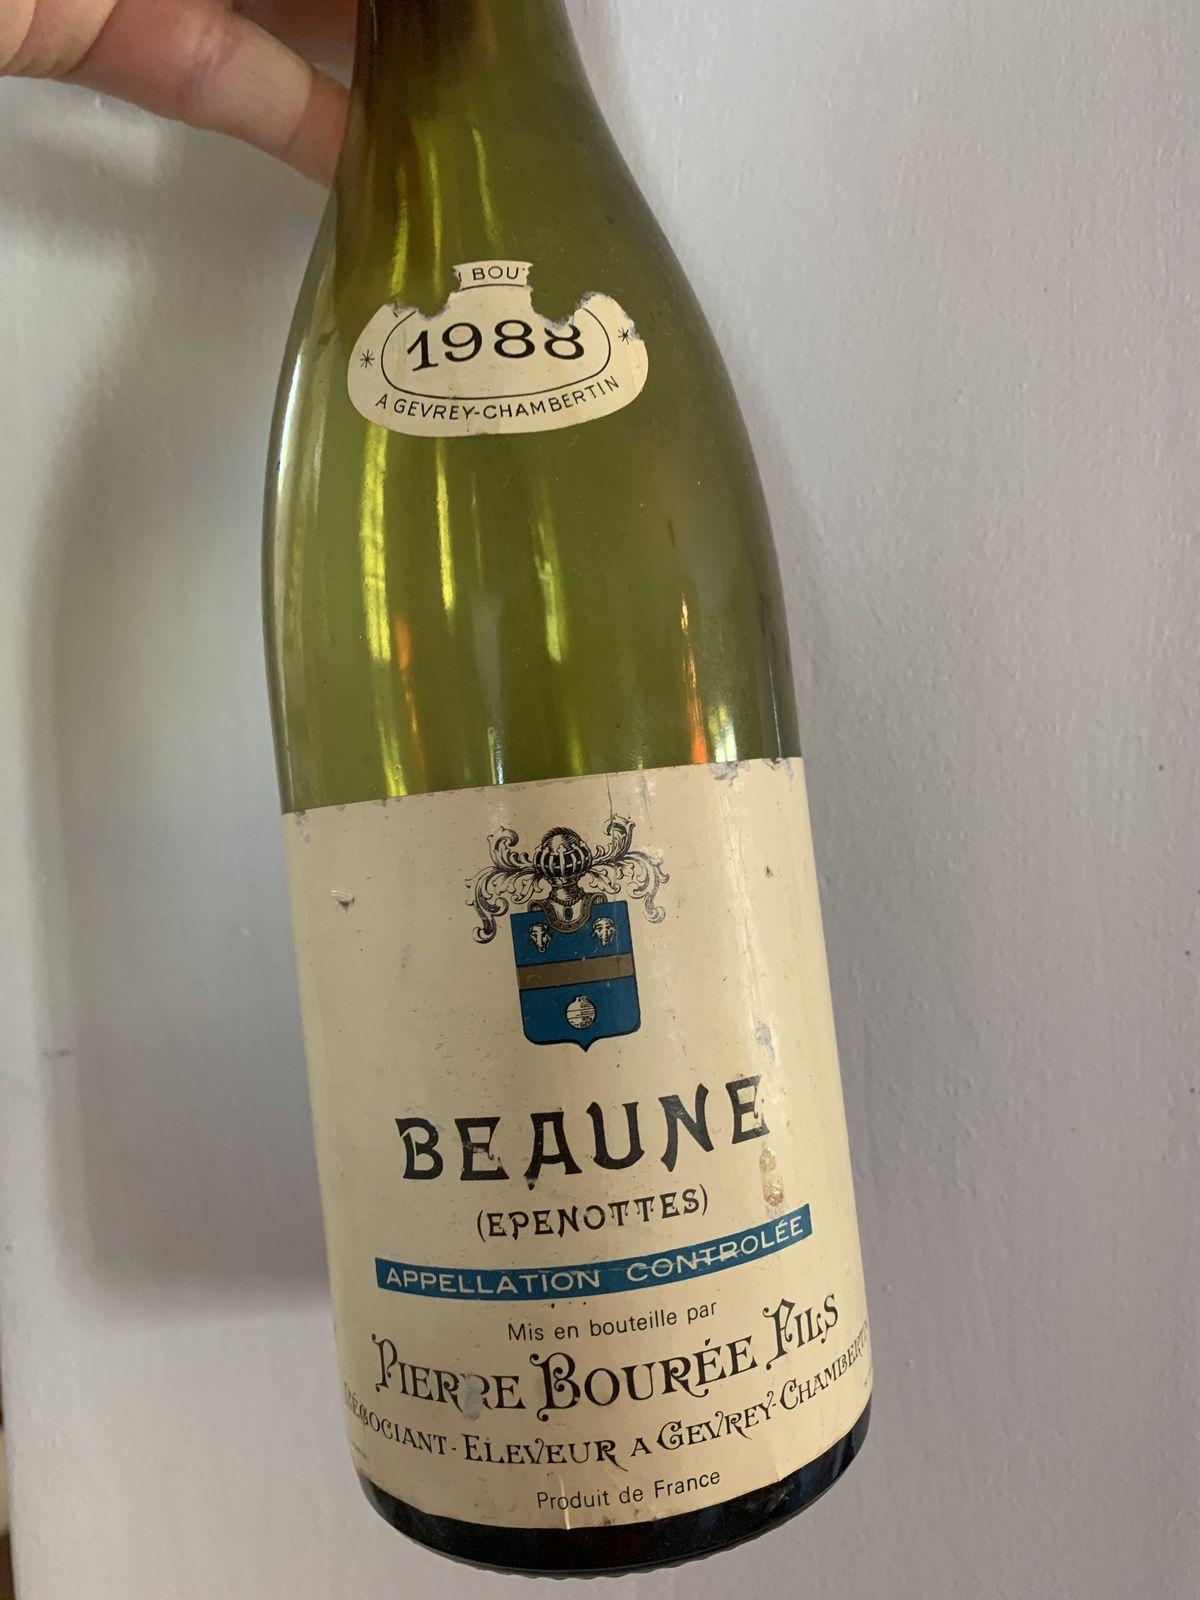 Beaune (Epenottes) 1988 Pierre Bourée